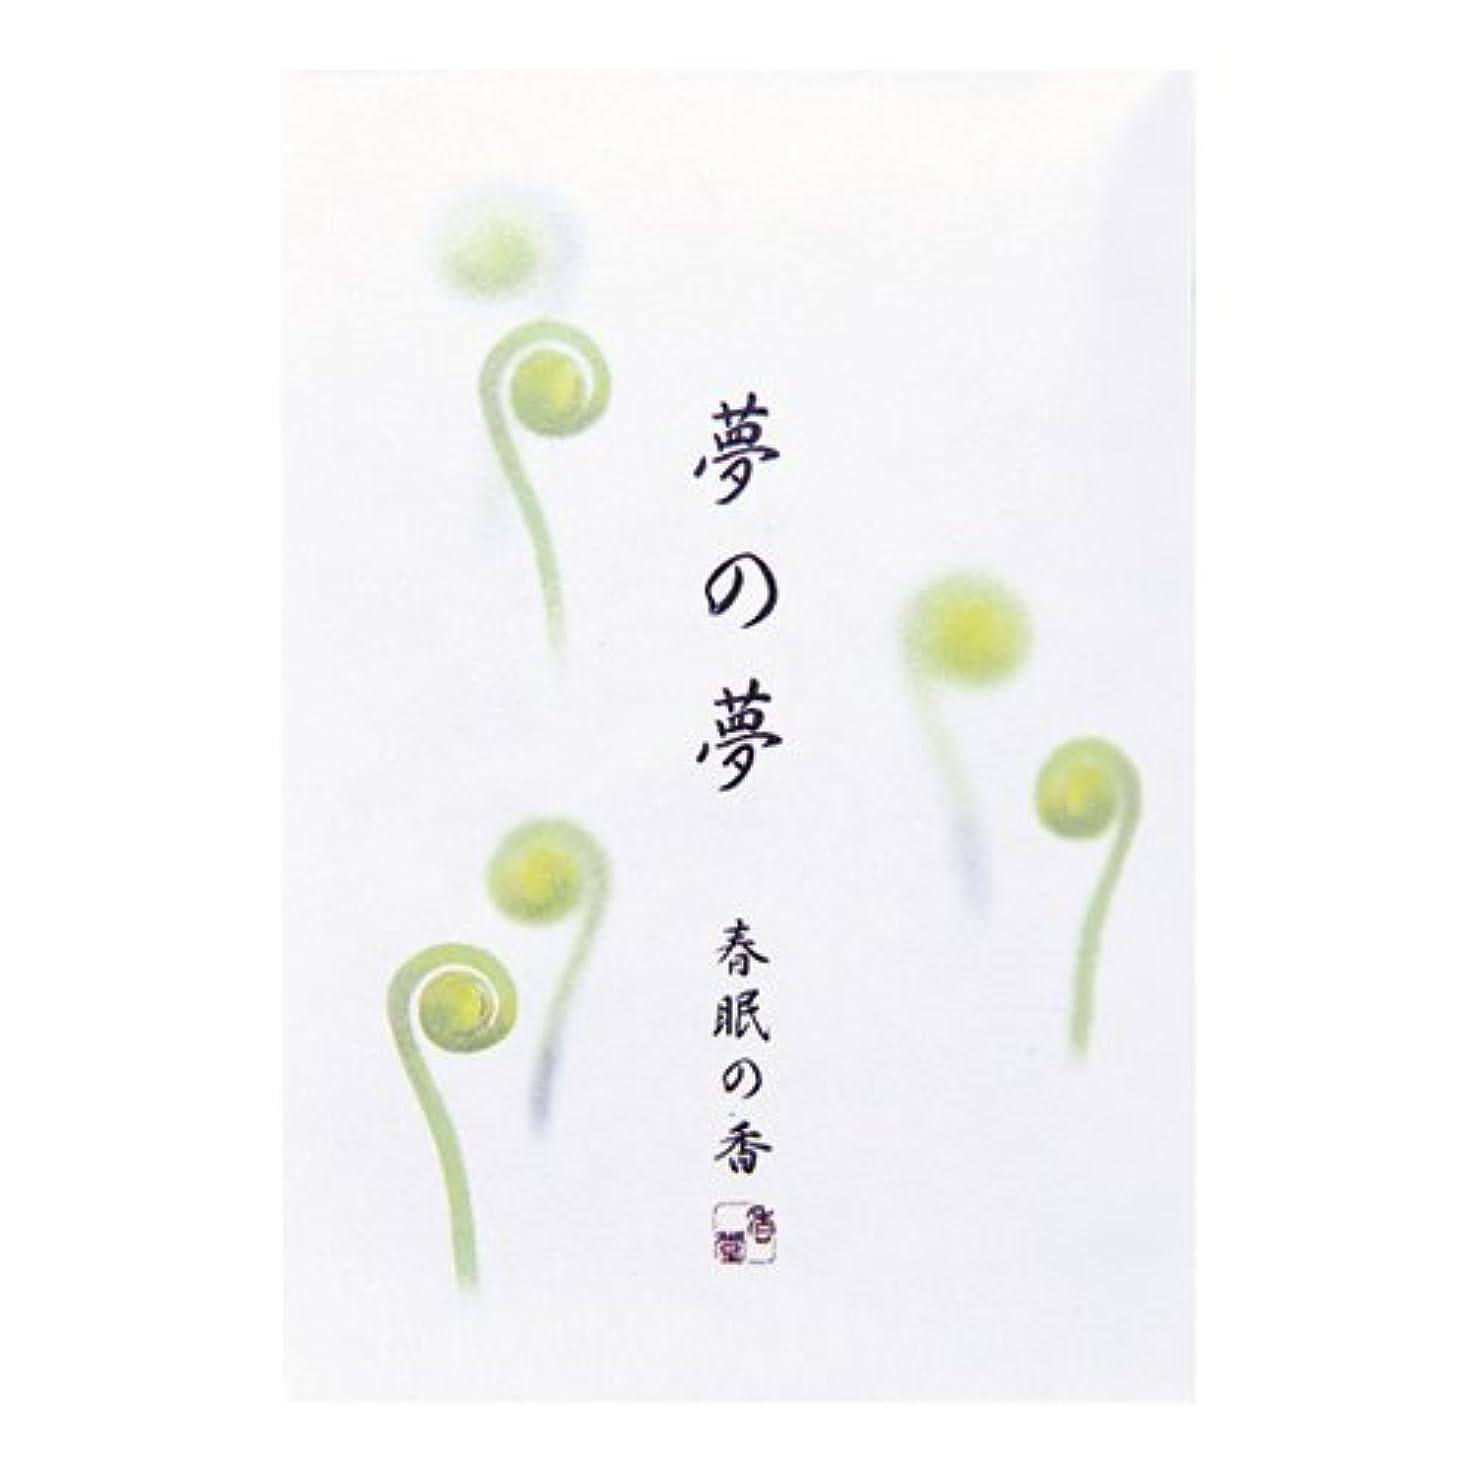 圧縮されたマークダウン松の木日本香堂 夢の夢春眠の香 スティック